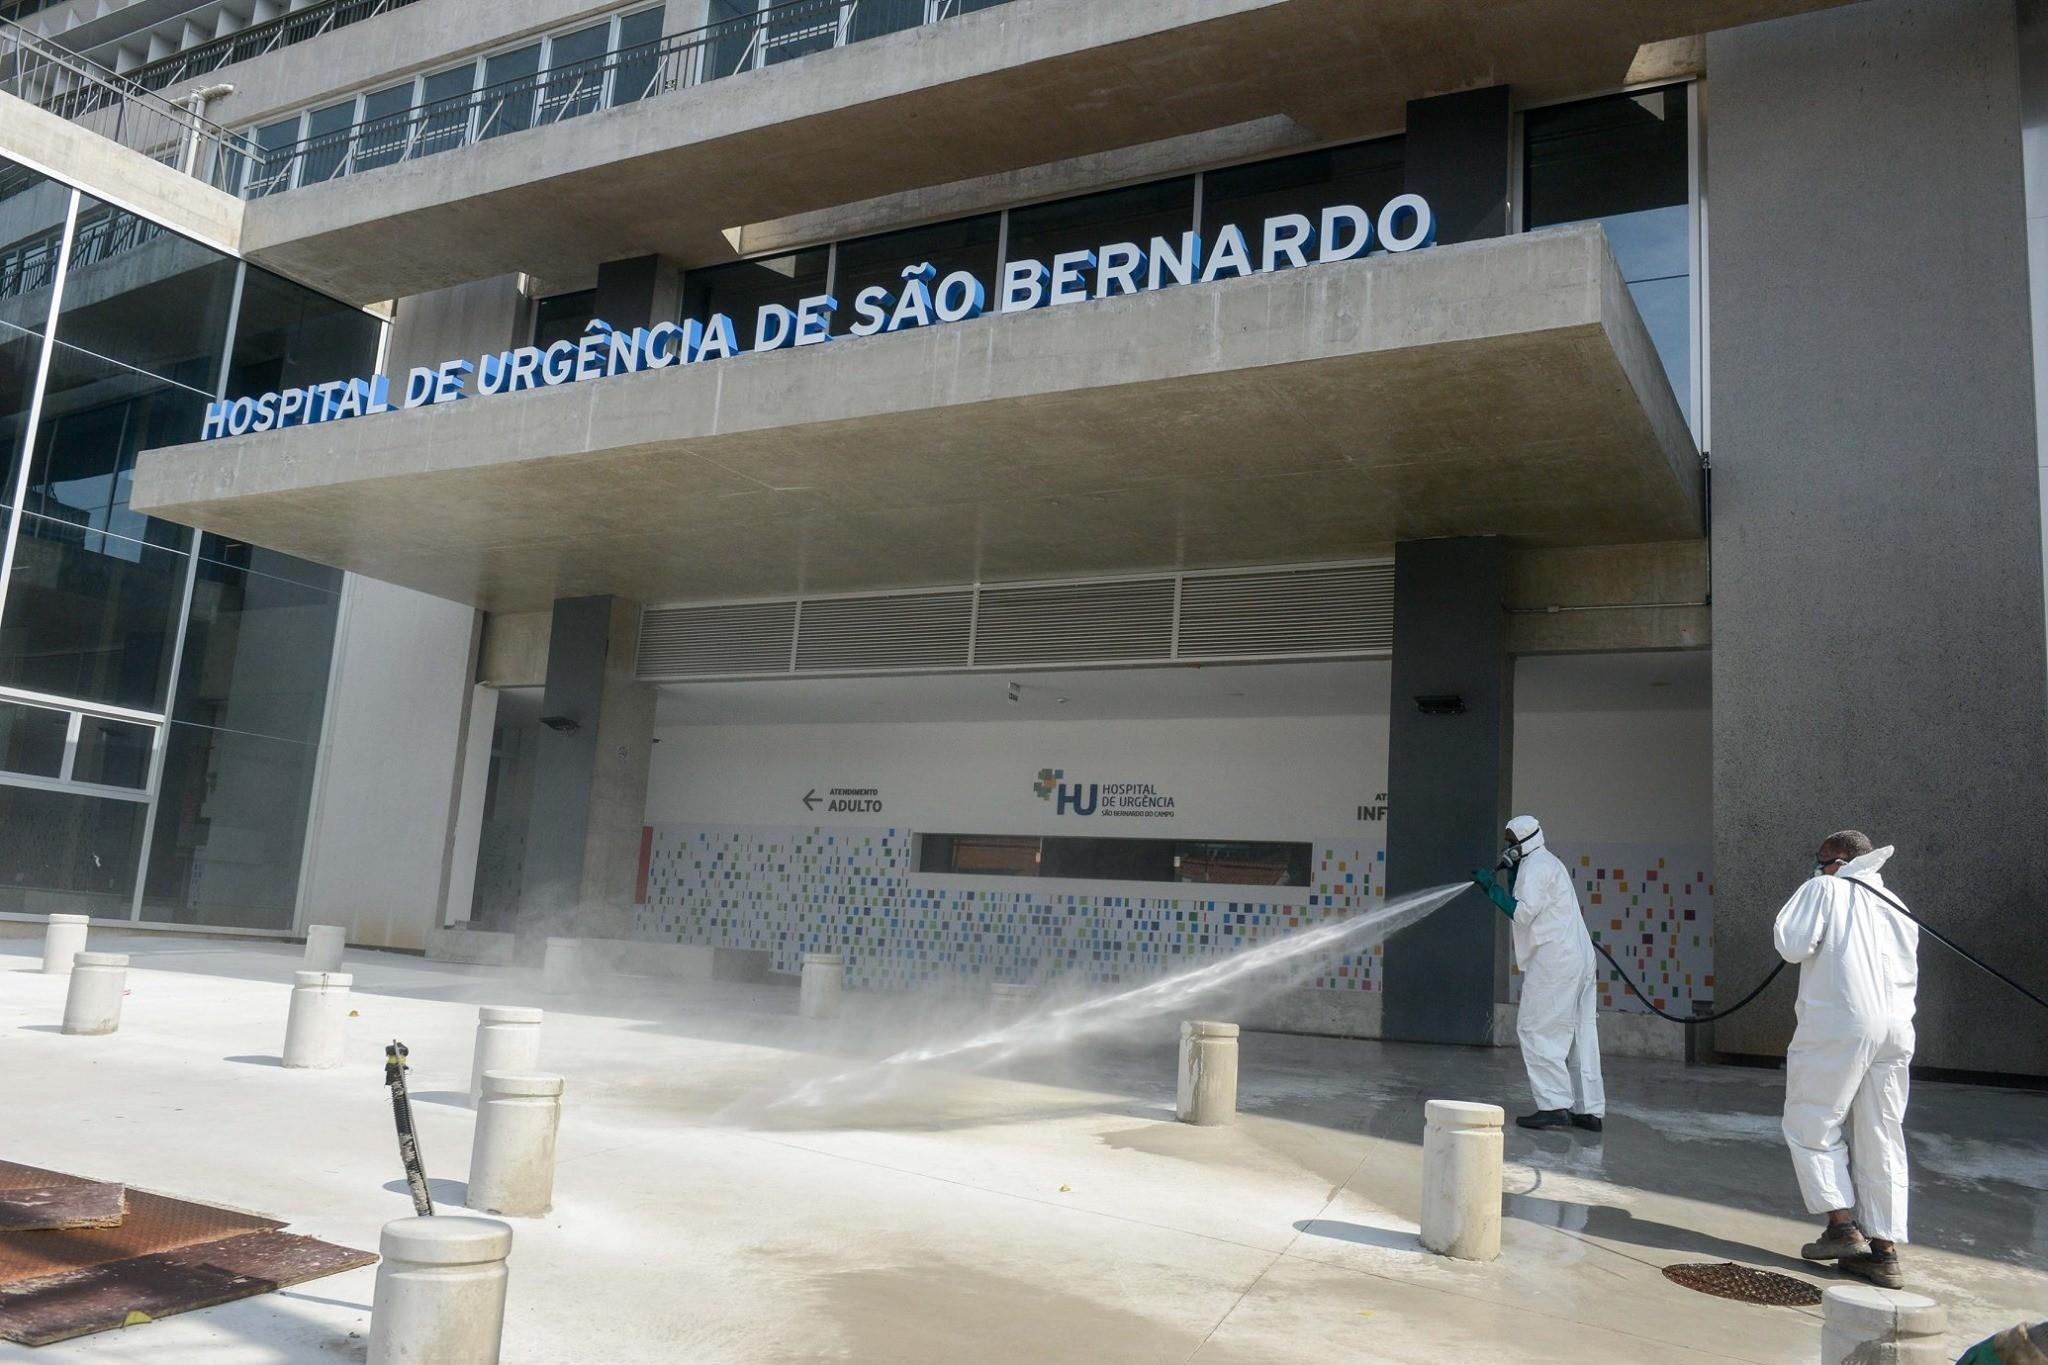 Vigilância Sanitária de São Bernardo do Campo tem 25 profissionais afastados por Covid-19 e prefeitura muda coordenação